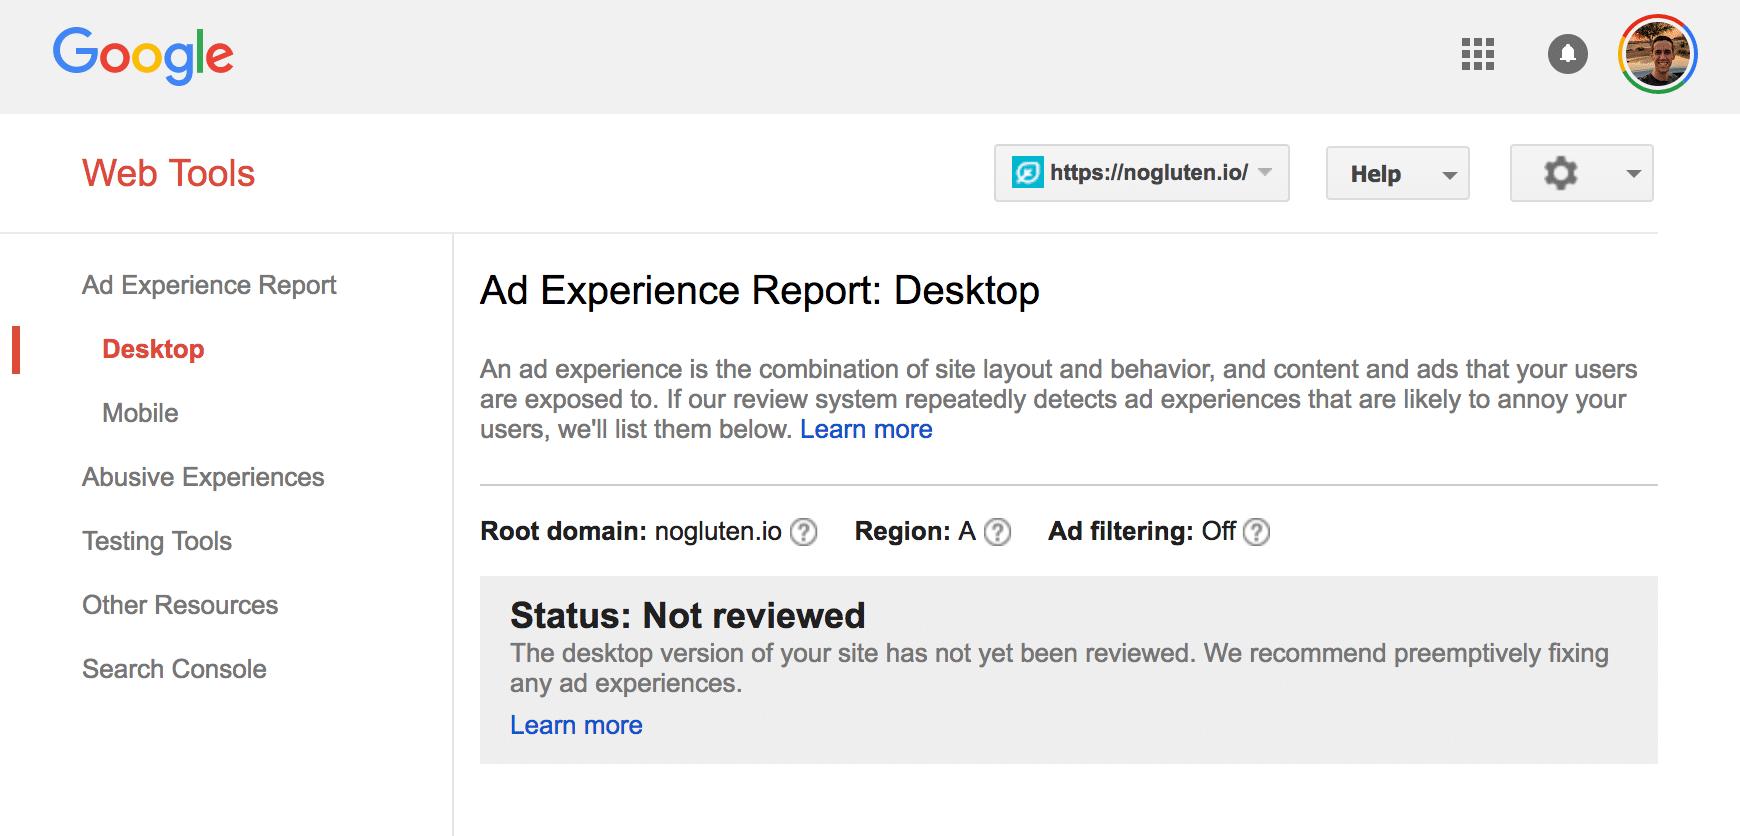 Le rapport d'expérience publicitaire pas examiné